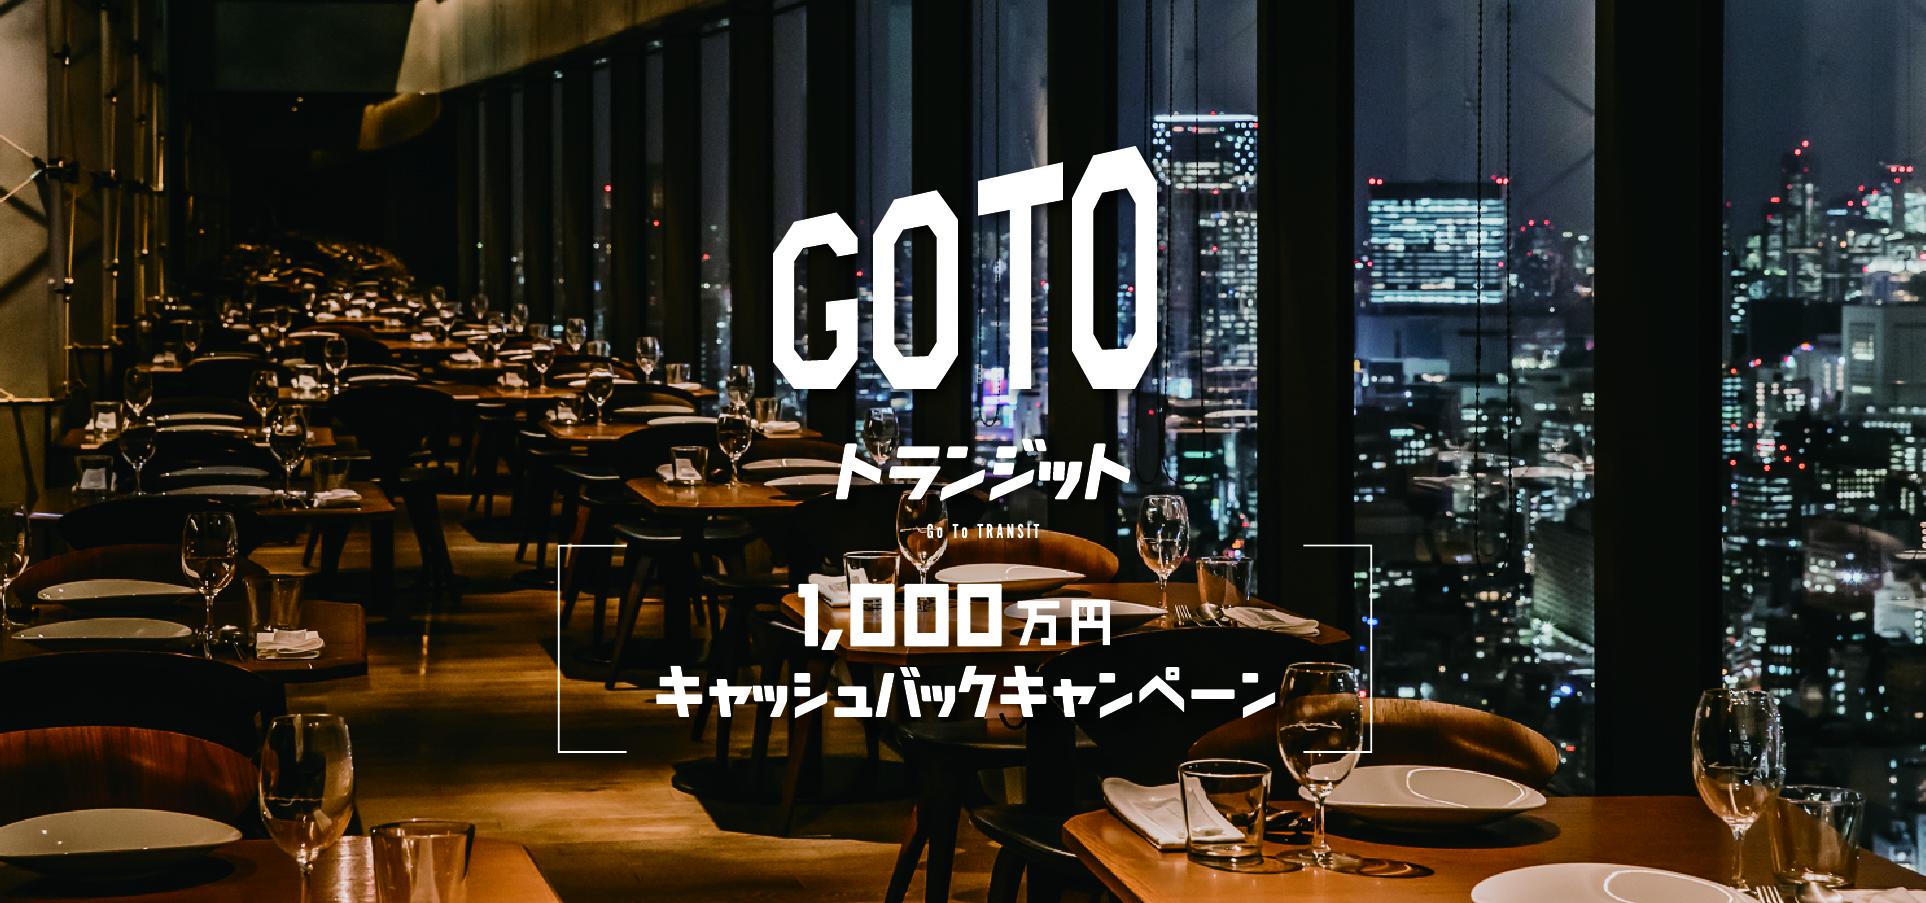 【総額1000万円】高層階レストランで景色とともに楽しむモダン・アジアン料理。対象プランをご予約で、プラン料金の半額キャッシュバック!